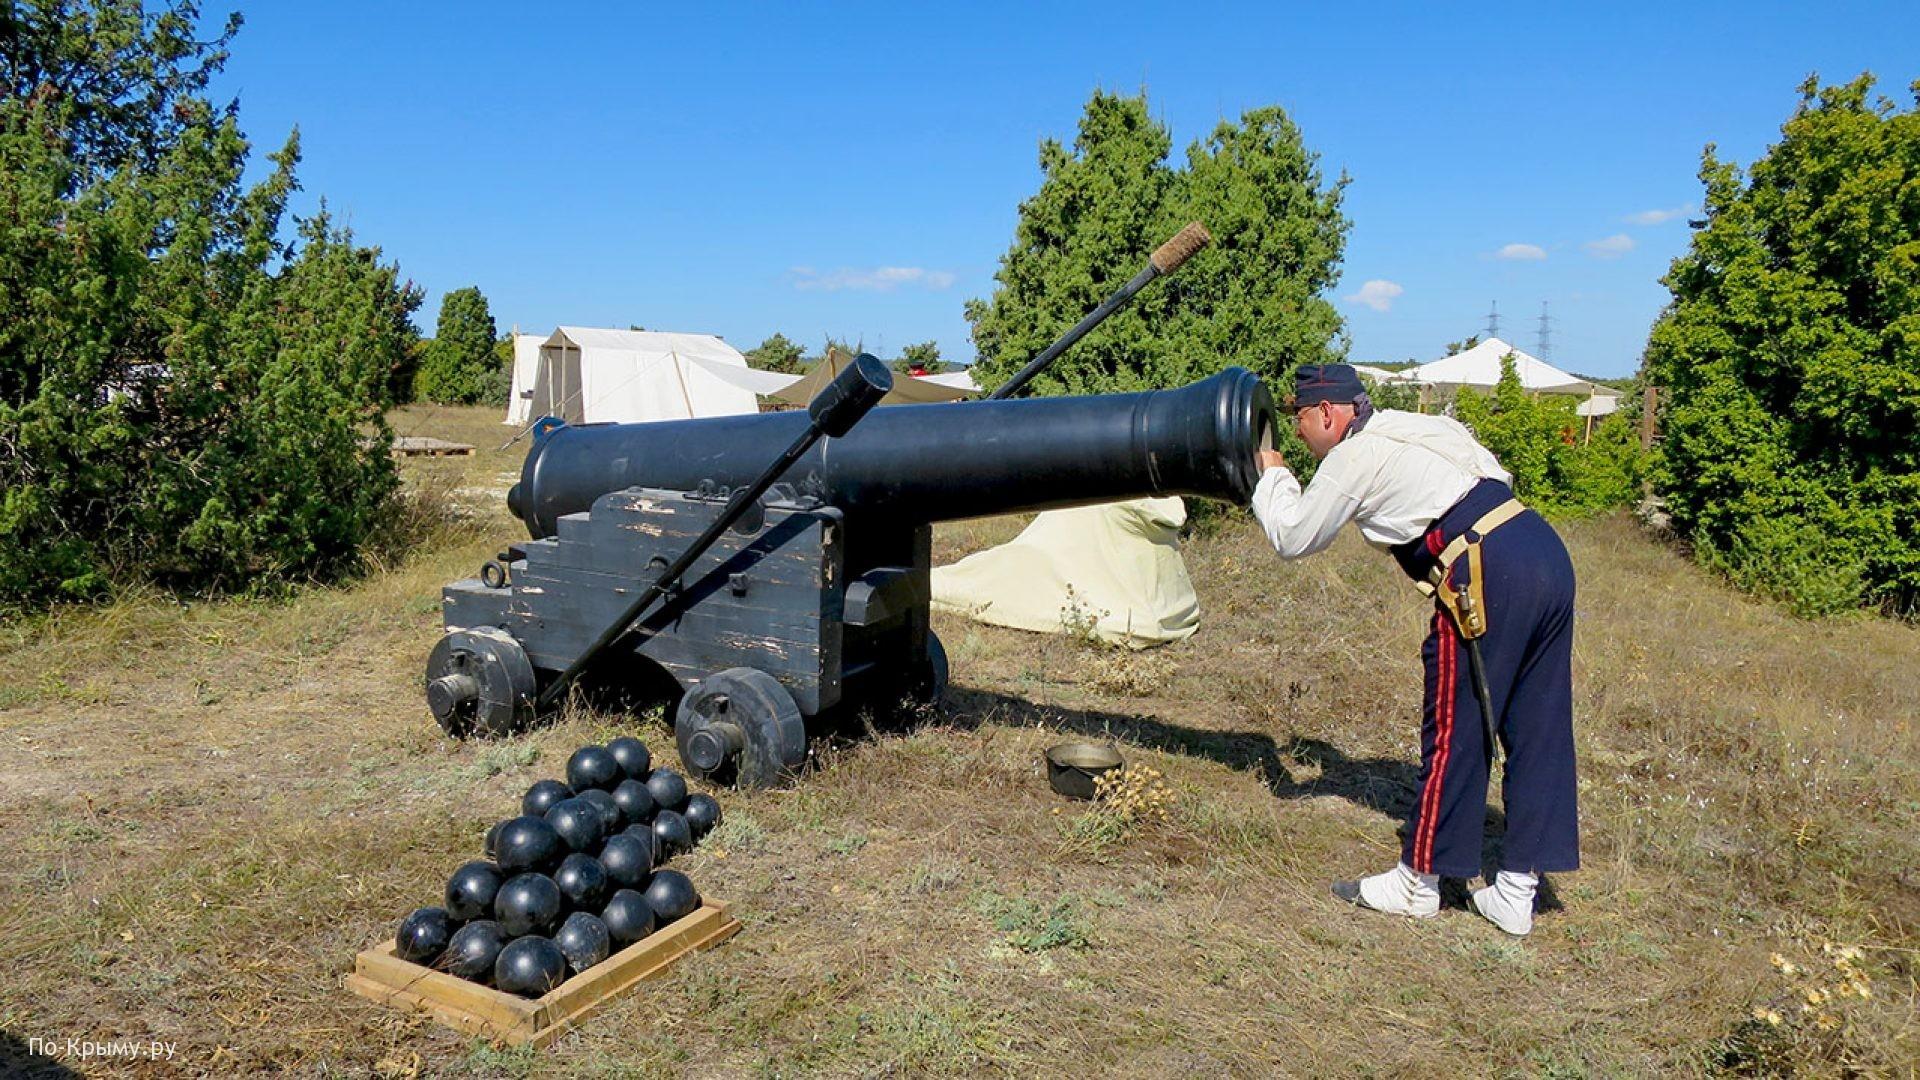 Главную пушку фестиваля готовят к выстрелу